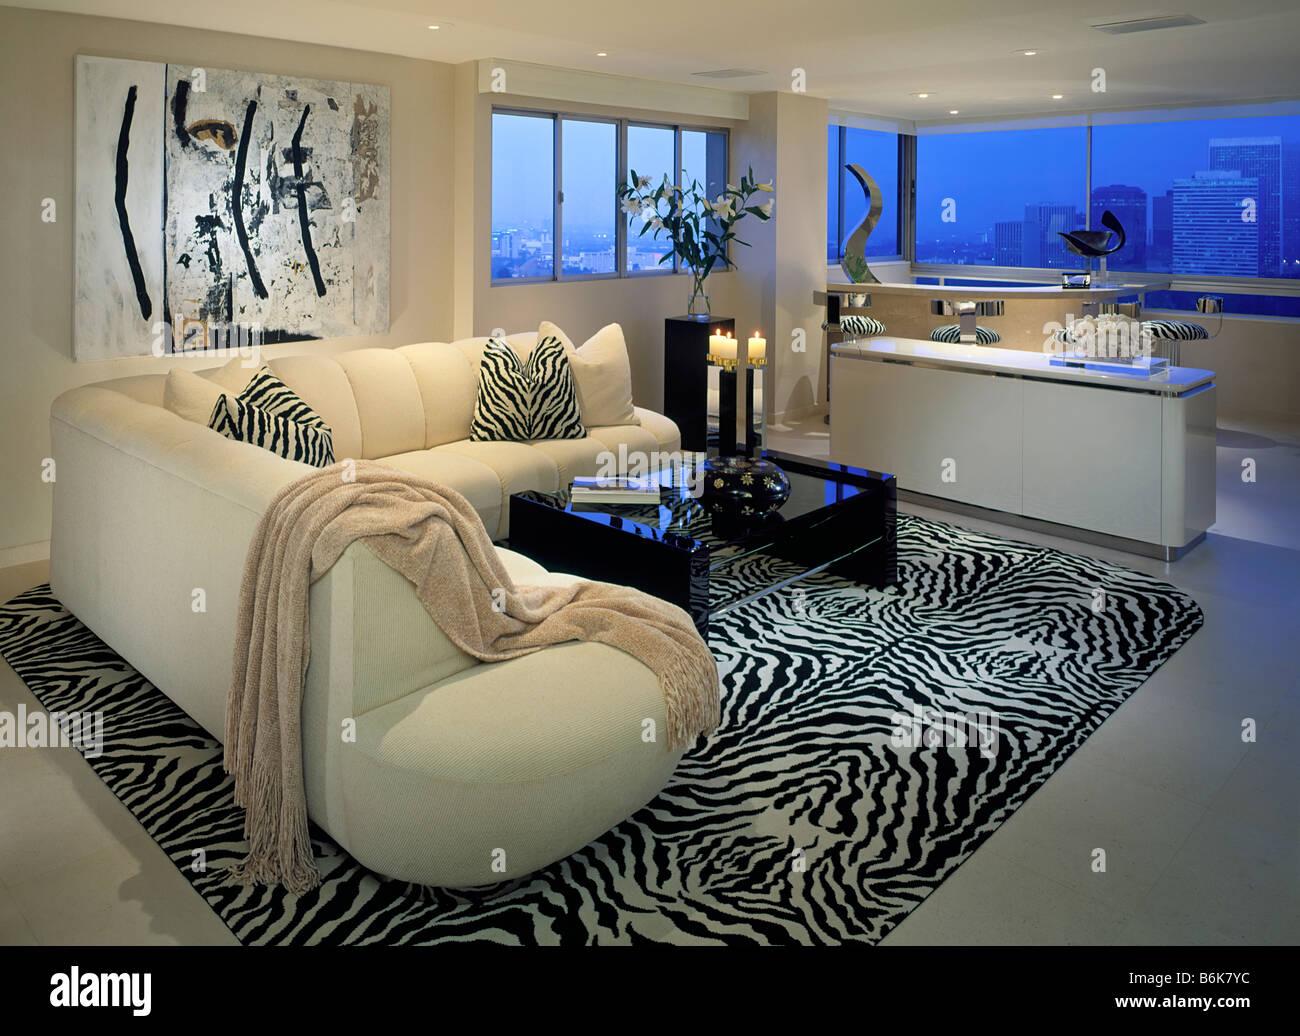 Wohnzimmer, Wohn, Lebensstil, Innenraum, Fenster blau Licht, Haus ...